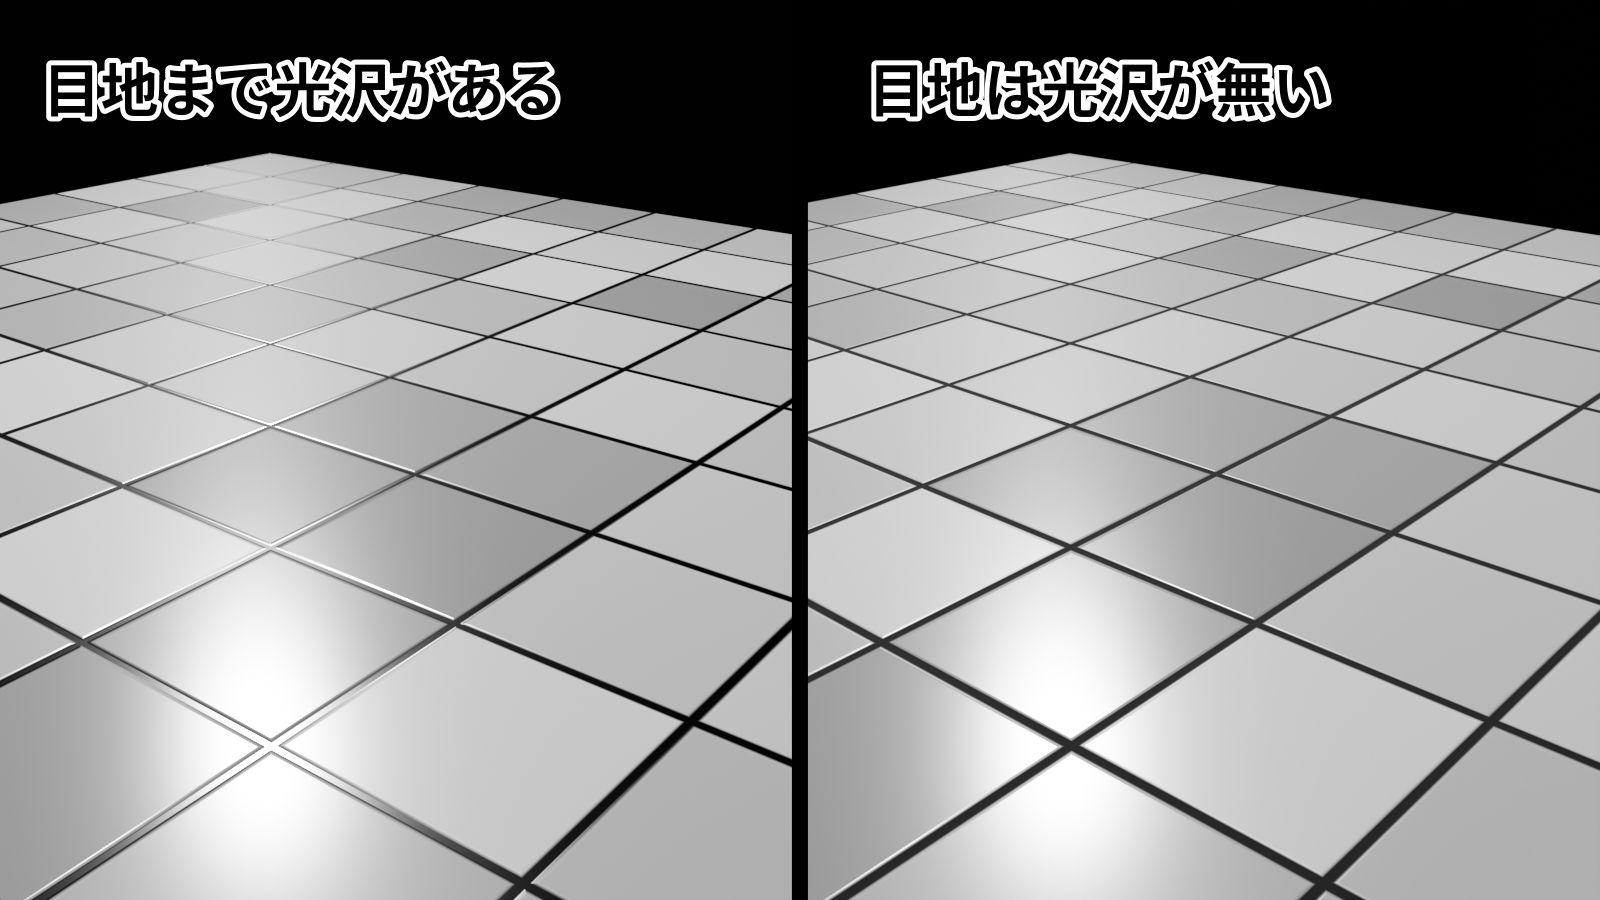 f:id:hainarashi:20200918104819j:plain